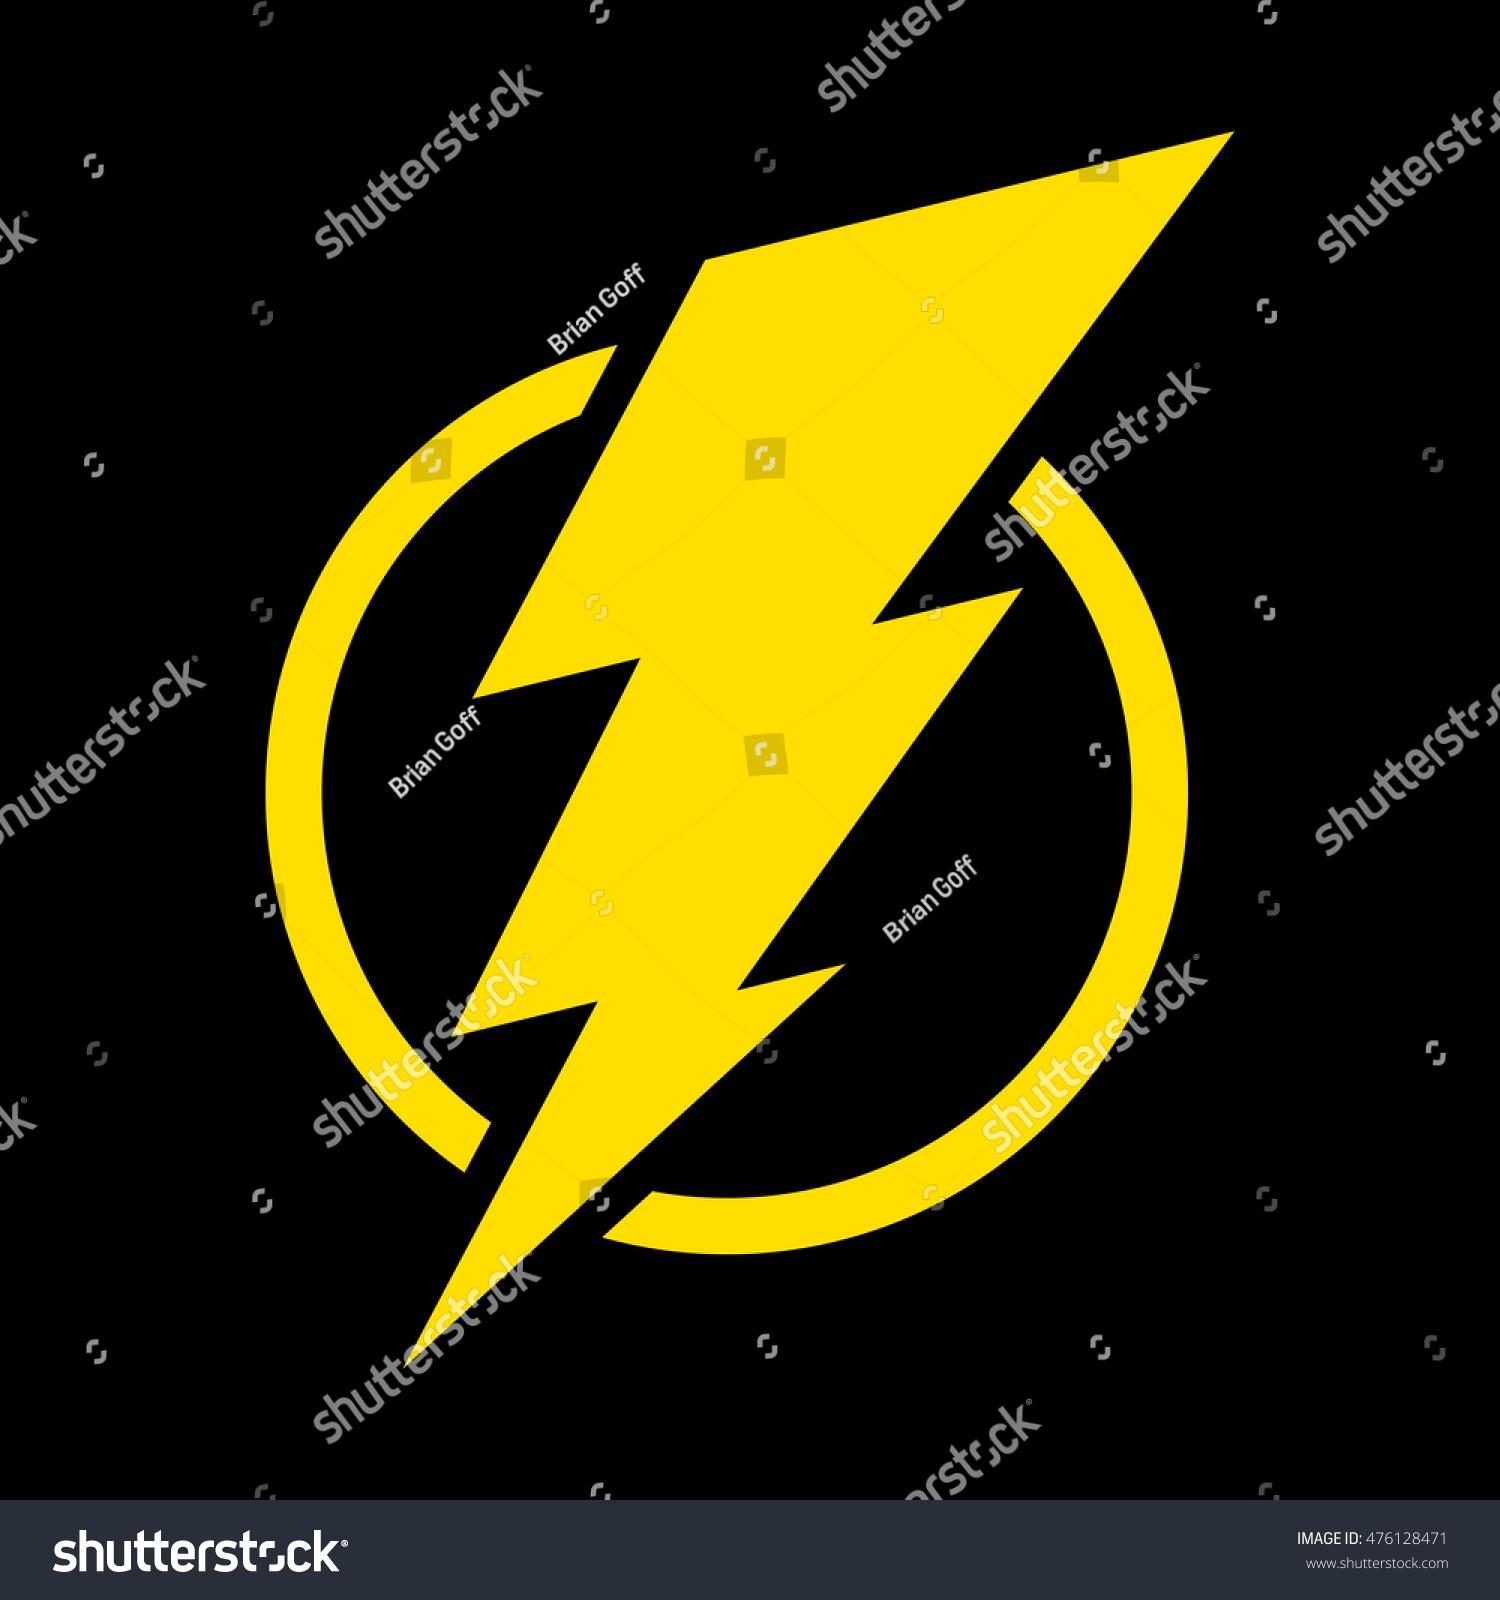 Electric Lightning Bolt Symbol Stock Illustration 476128471 ... for Electricity Lightning Bolt  146hul